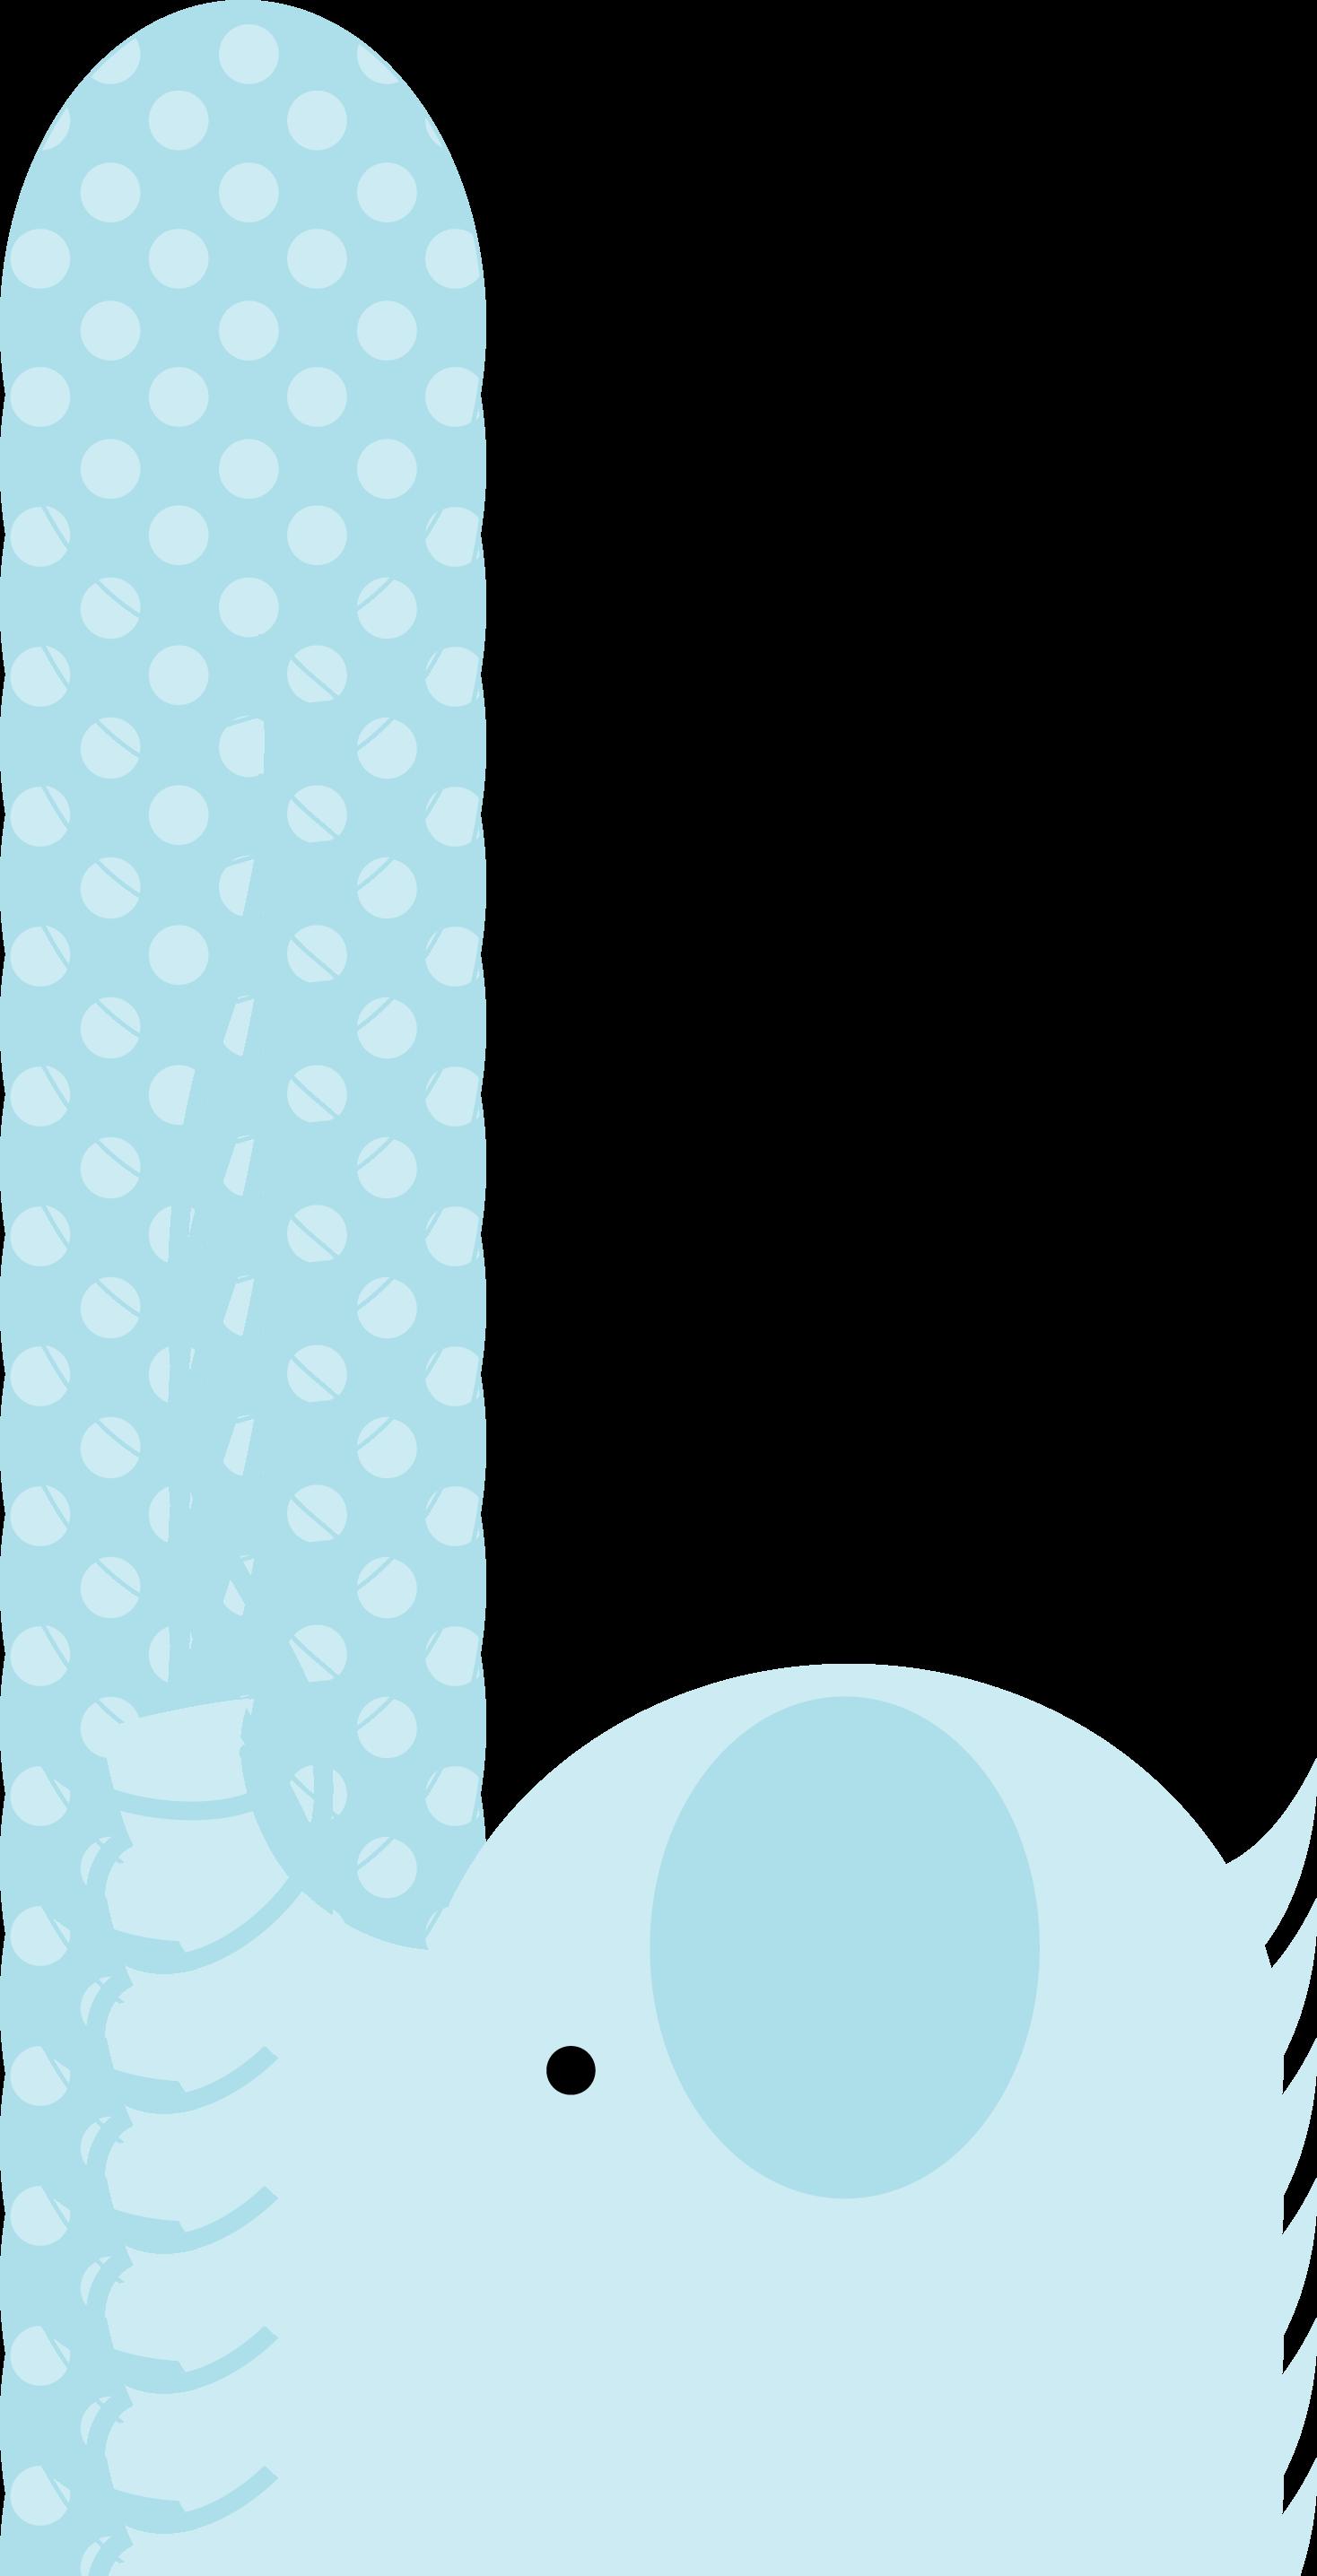 Snowflake Baby Shower Banner Stock Baby Mobile Clip Invitaciones De Baby Shower Para Imprimir Etiquetas Baby Shower Plantillas De Invitacion Para Baby Shower